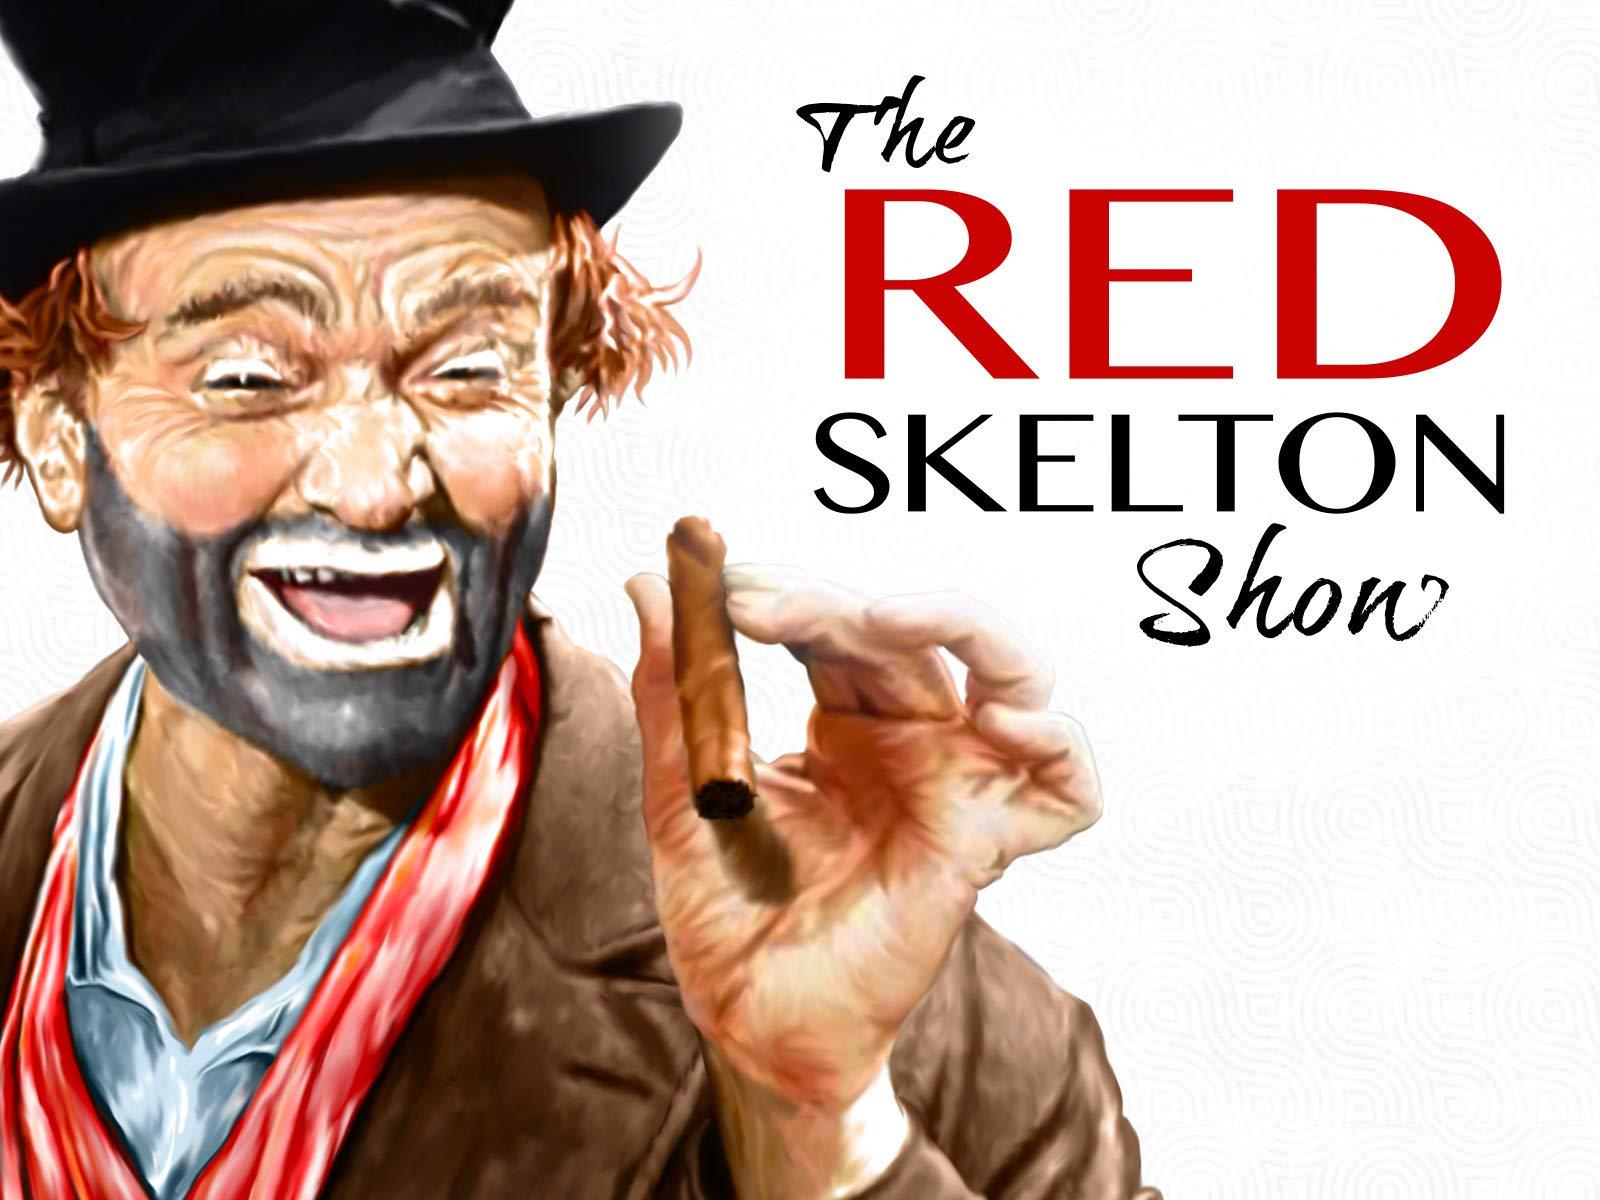 The Red Skelton Show season 1